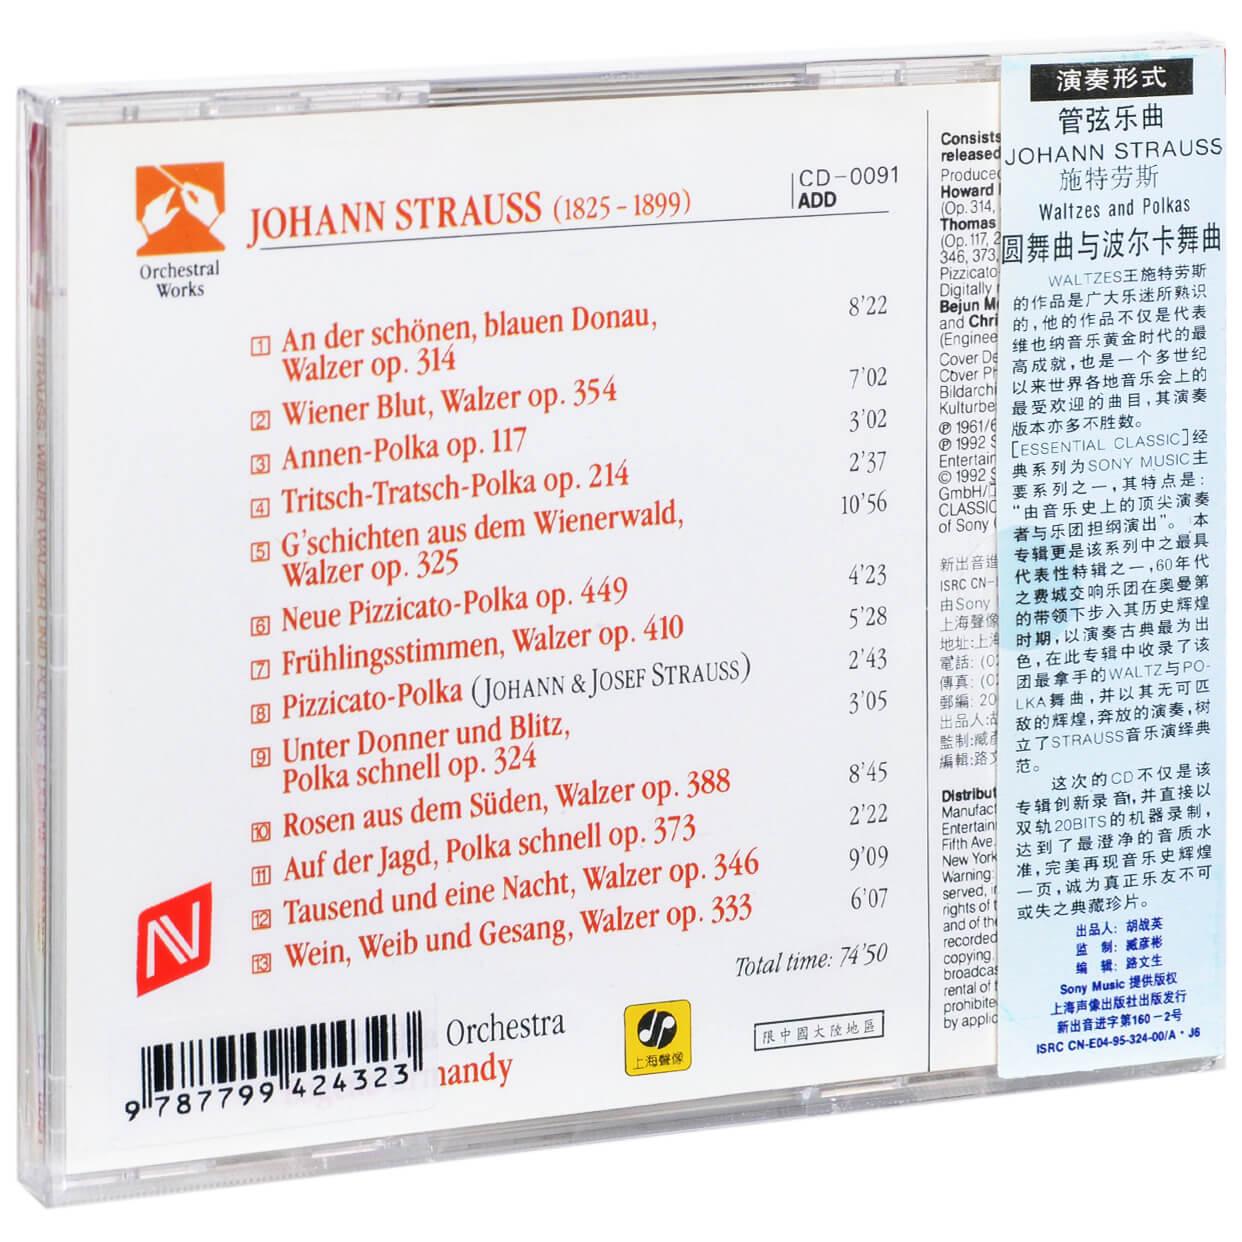 正版现货世界古典音乐系列圆舞曲波尔卡舞曲上海声像音乐CD